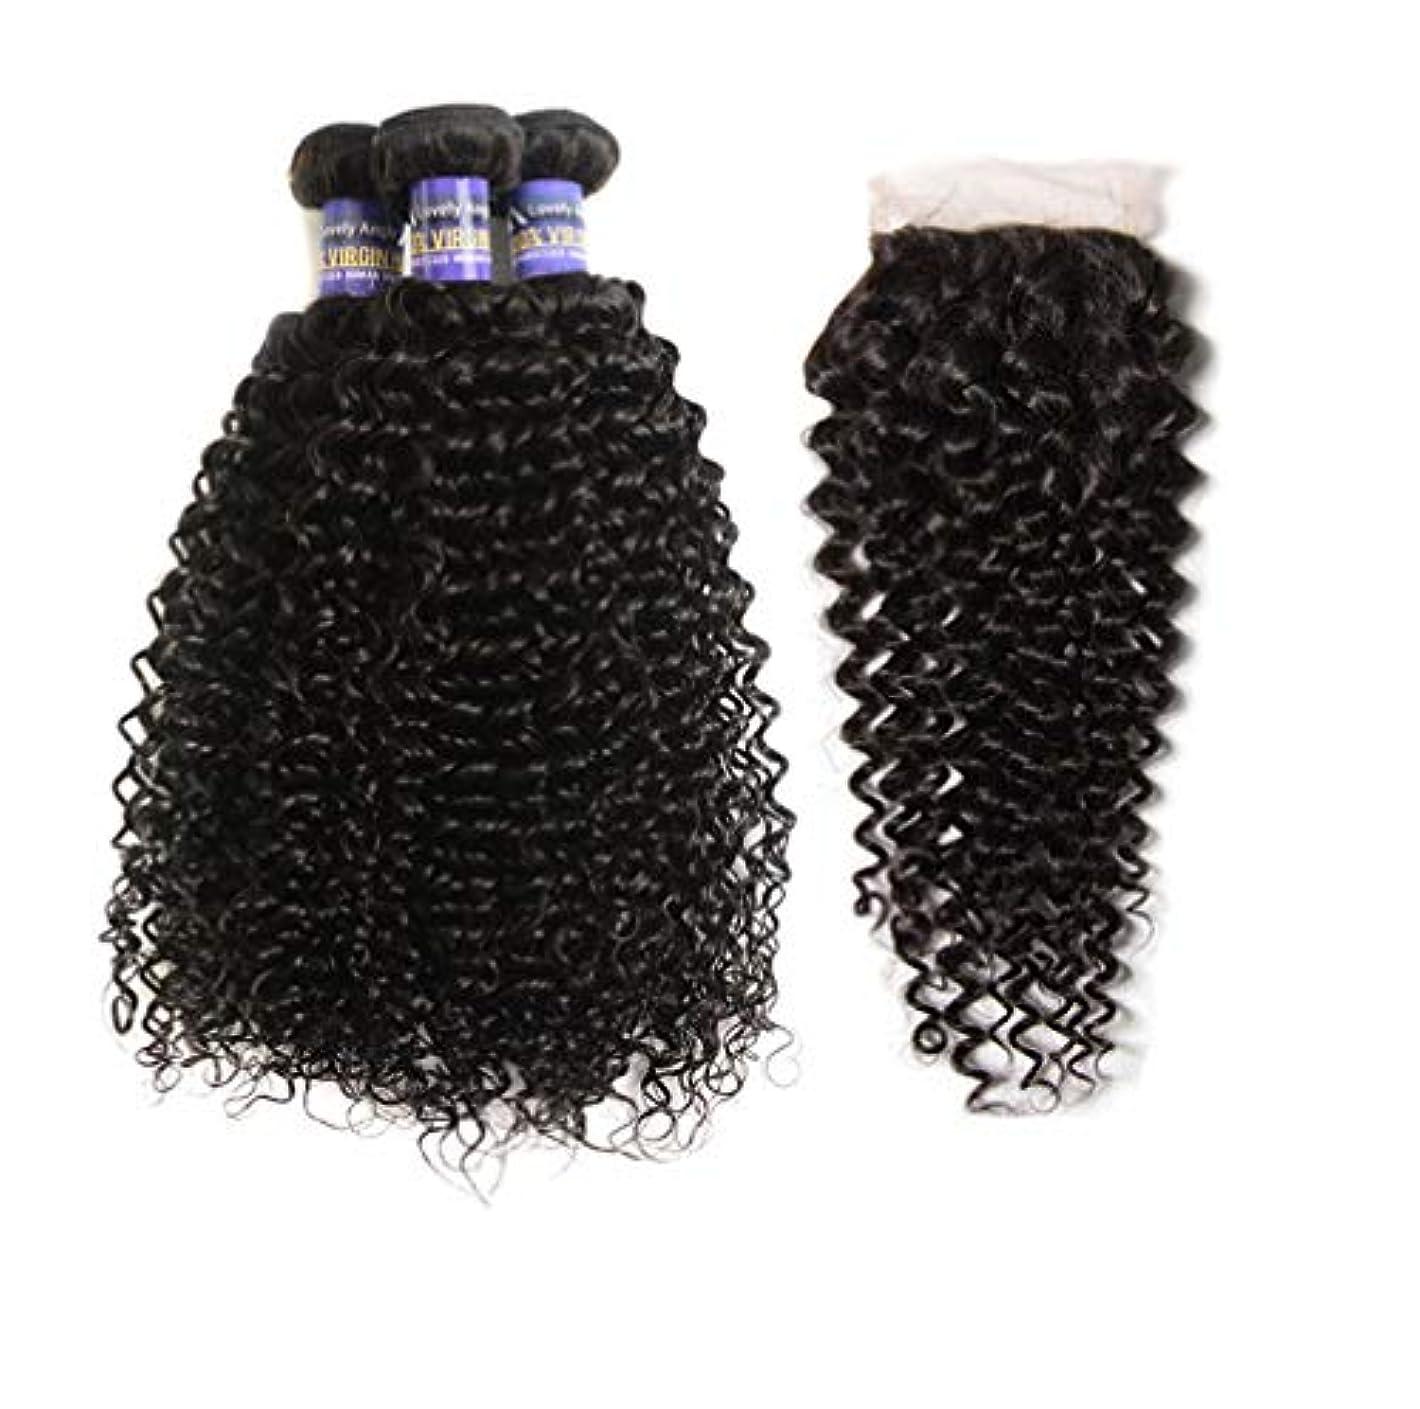 提供するペルセウスそのような女性ブラジル人毛織りカーリーバージンヘア横糸未処理ブラジル毛延長自然色(3バンドル+レース閉鎖)